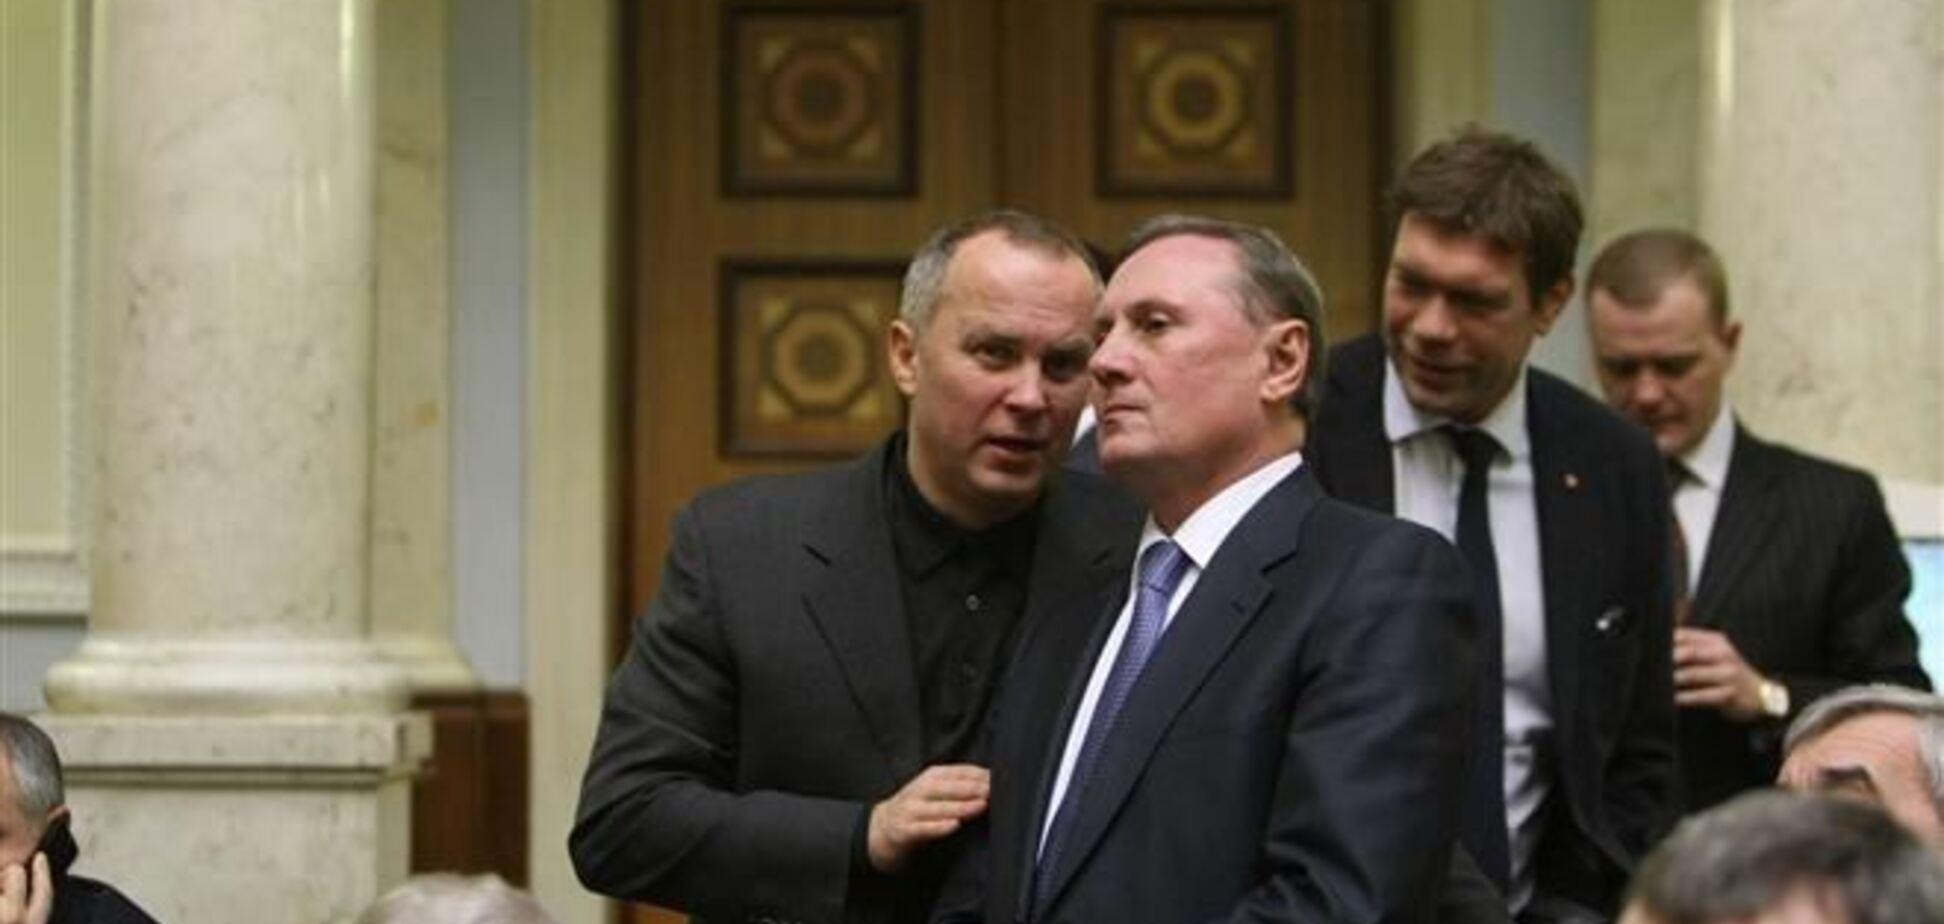 Регионалы не будут голосовать за 'антикризисные меры' Яценюка